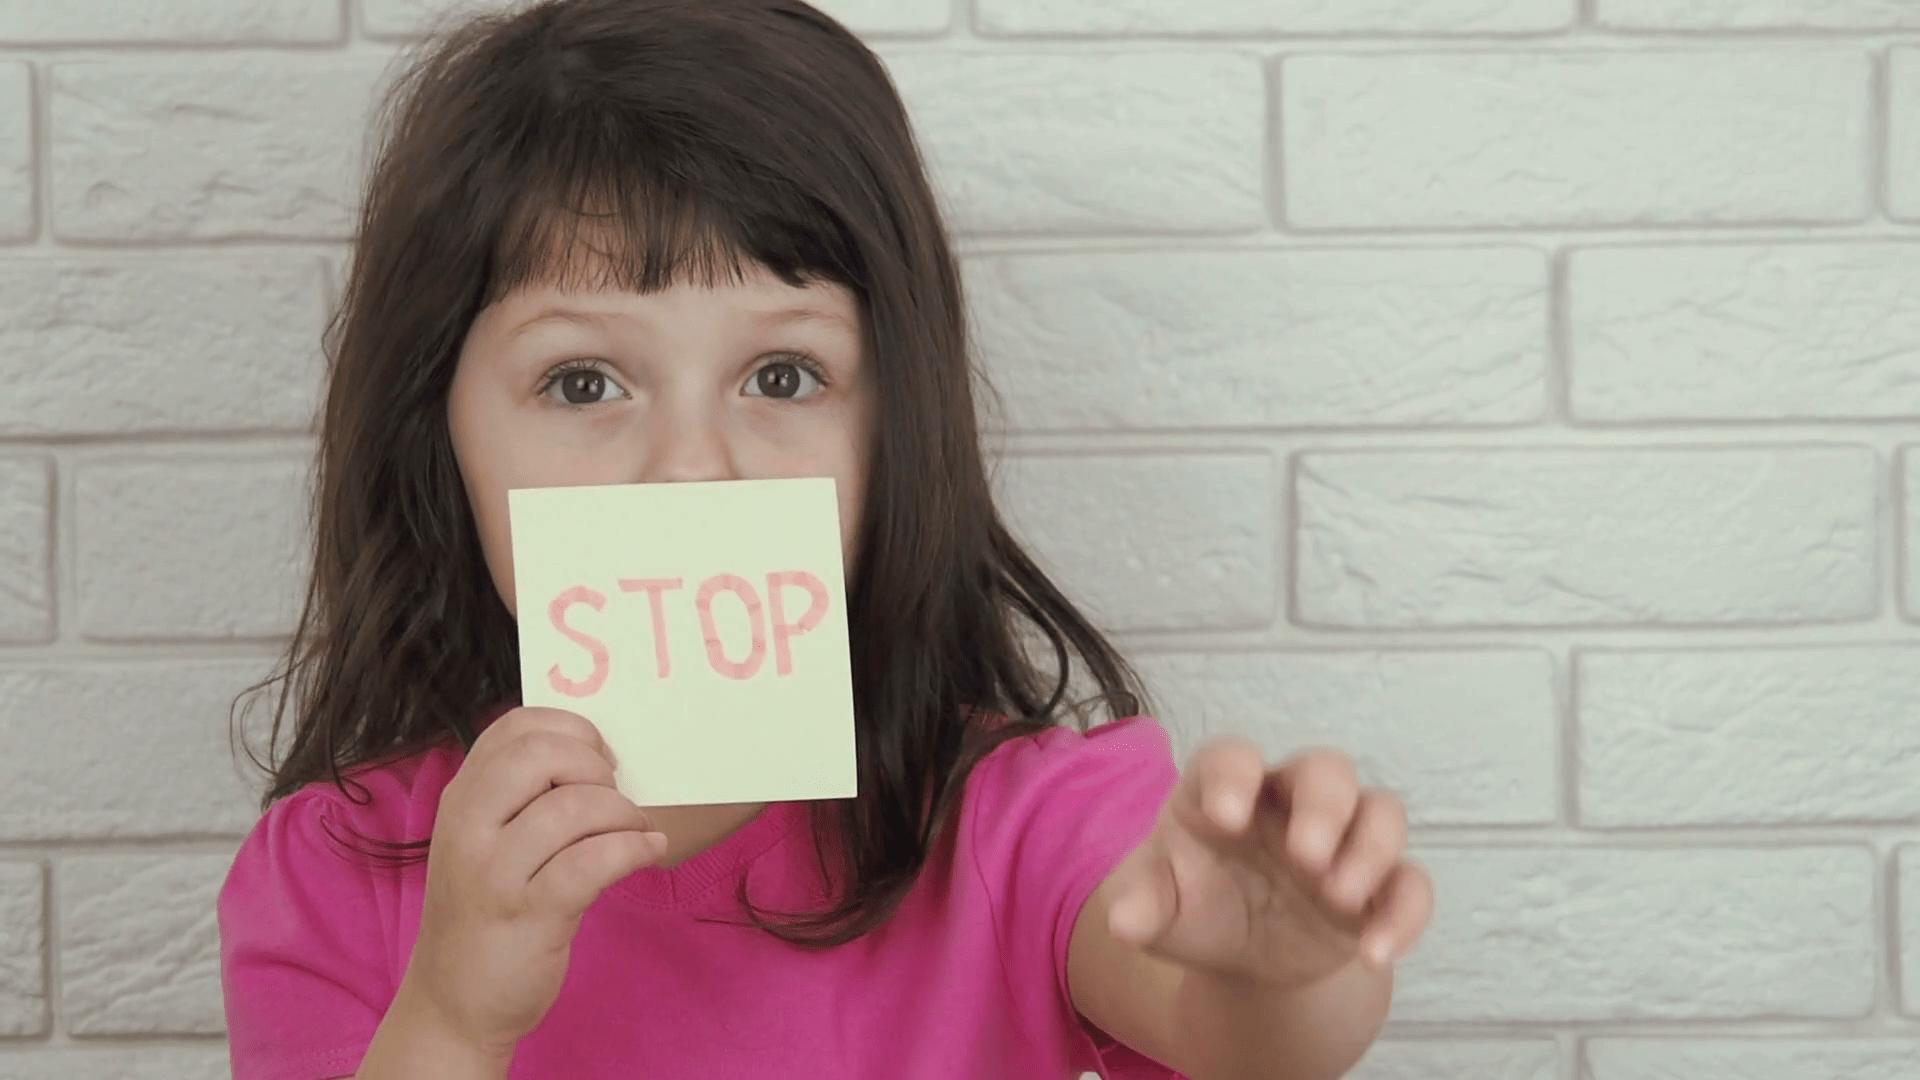 Le violenze sulle bambine spesso avvengono in ambito famigliare